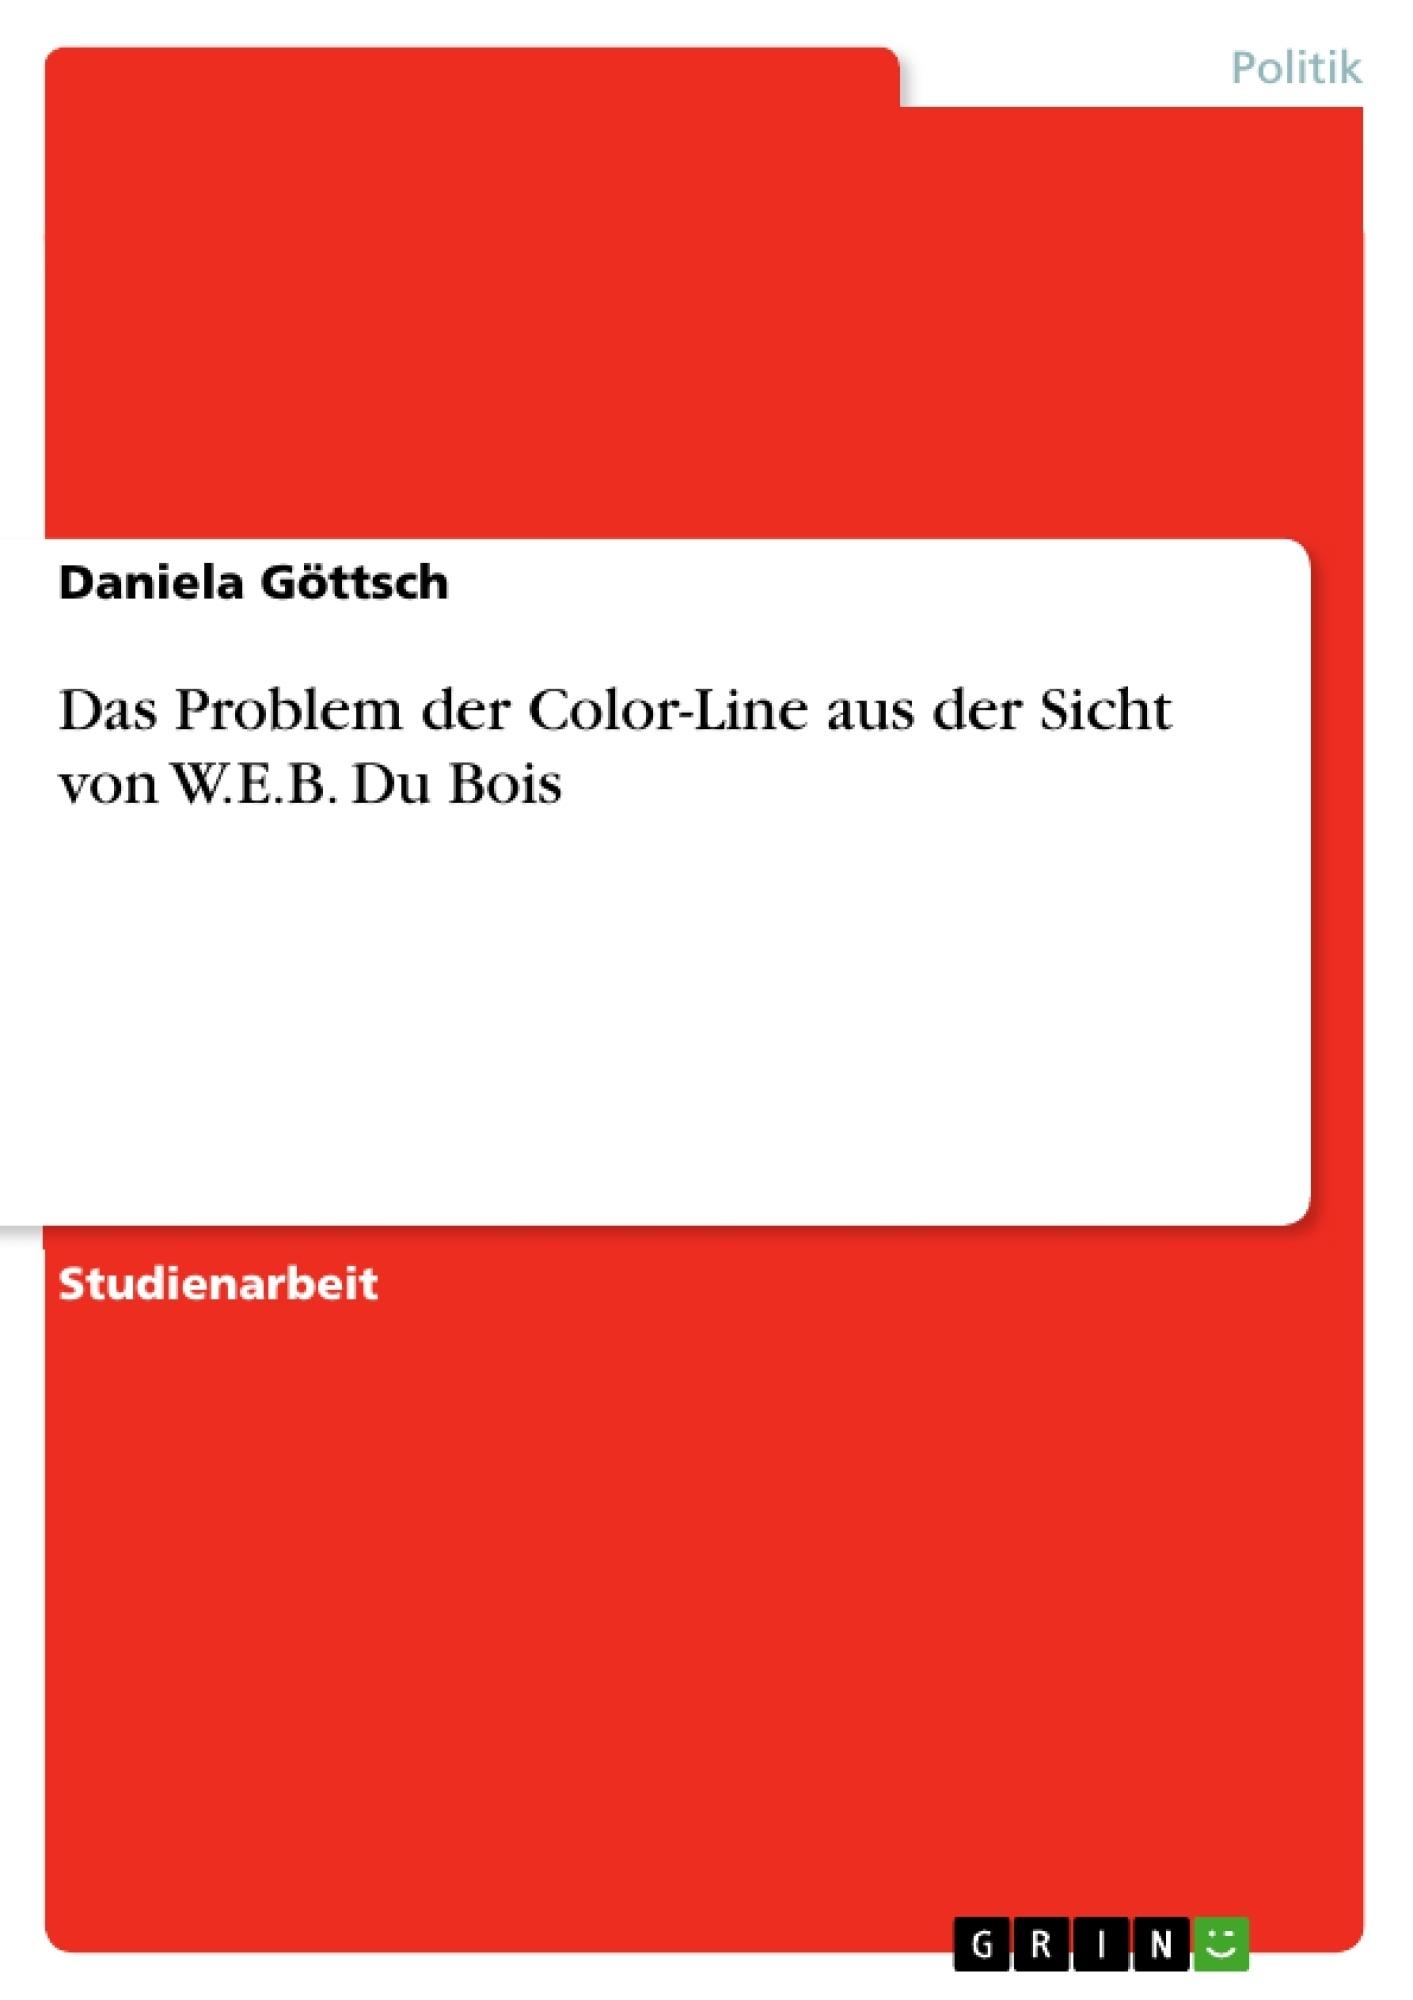 Titel: Das Problem der Color-Line aus der Sicht von W.E.B. Du Bois